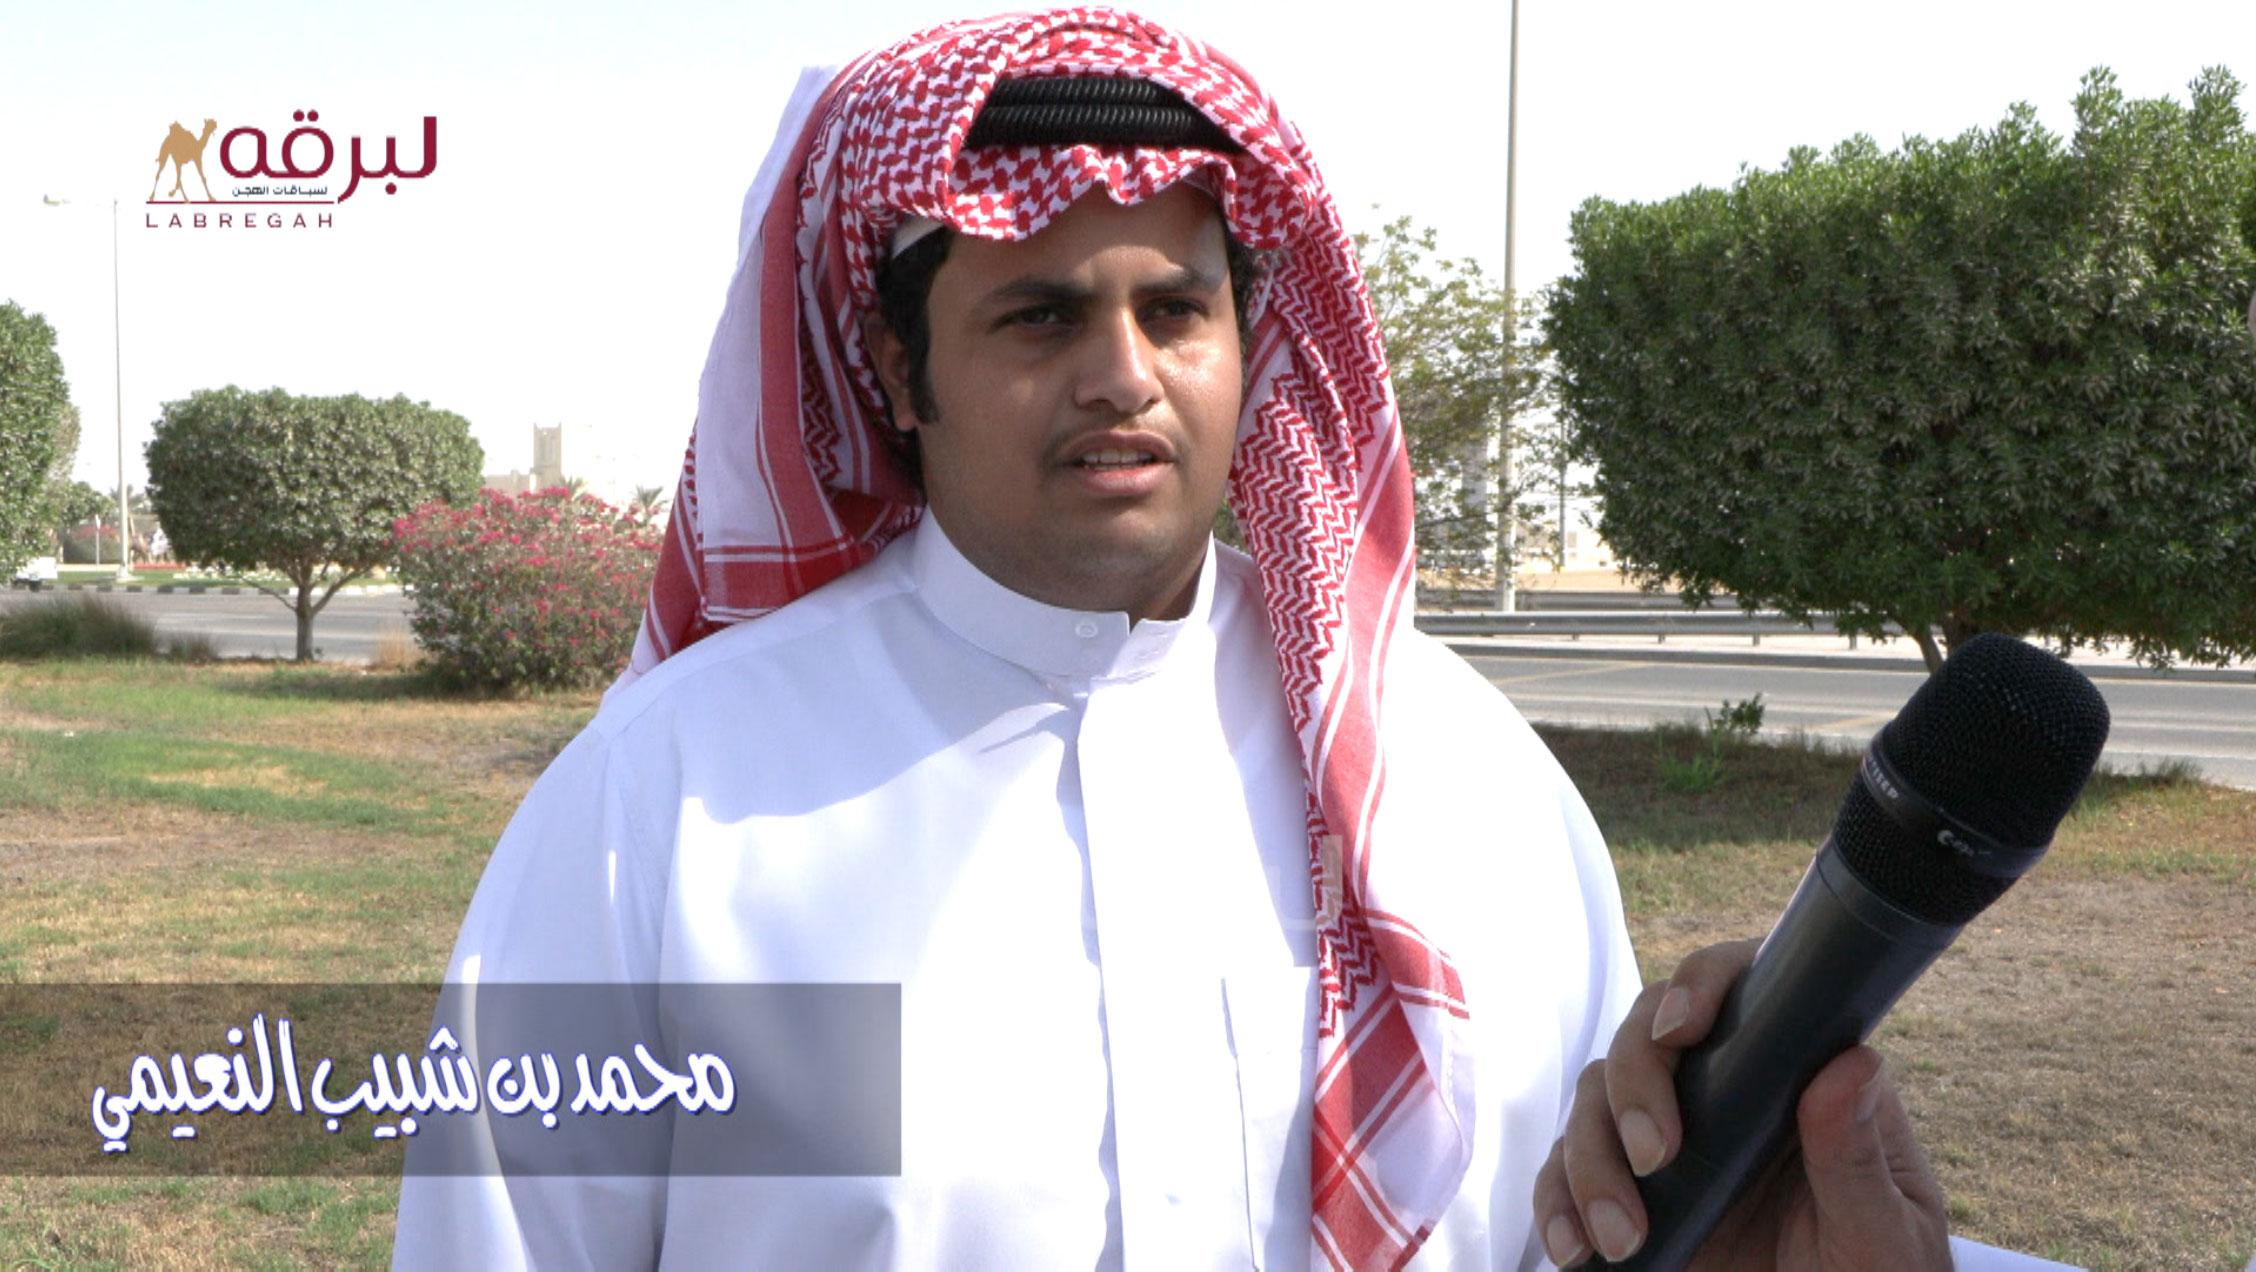 لقاء مع محمد بن شبيب النعيمي الشوط الرئيسي حقايق بكار إنتاج ميدان الشحانية ٤-٩-٢٠٢١